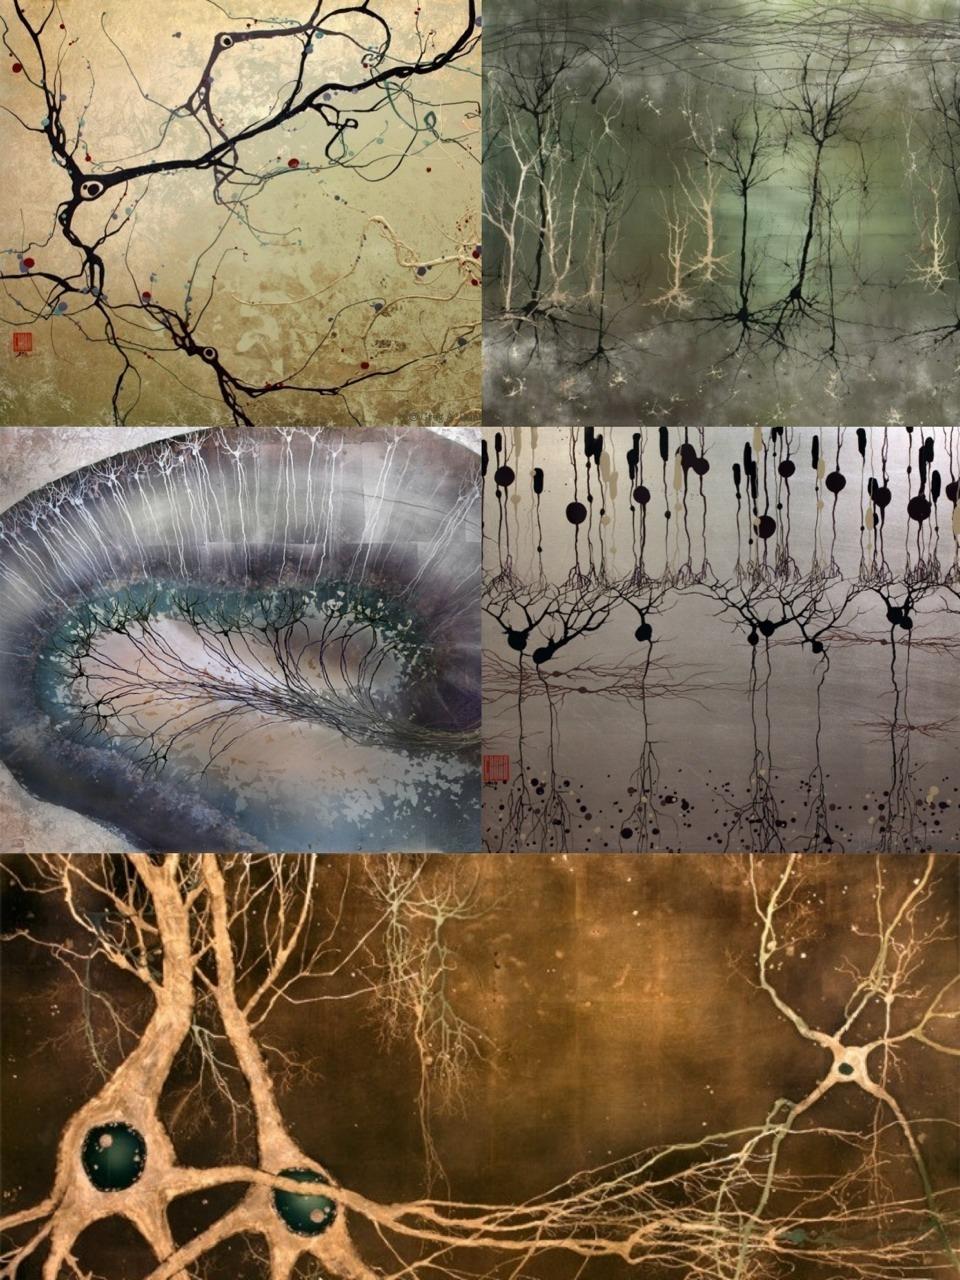 Arte neural realizado por Greg Dunn